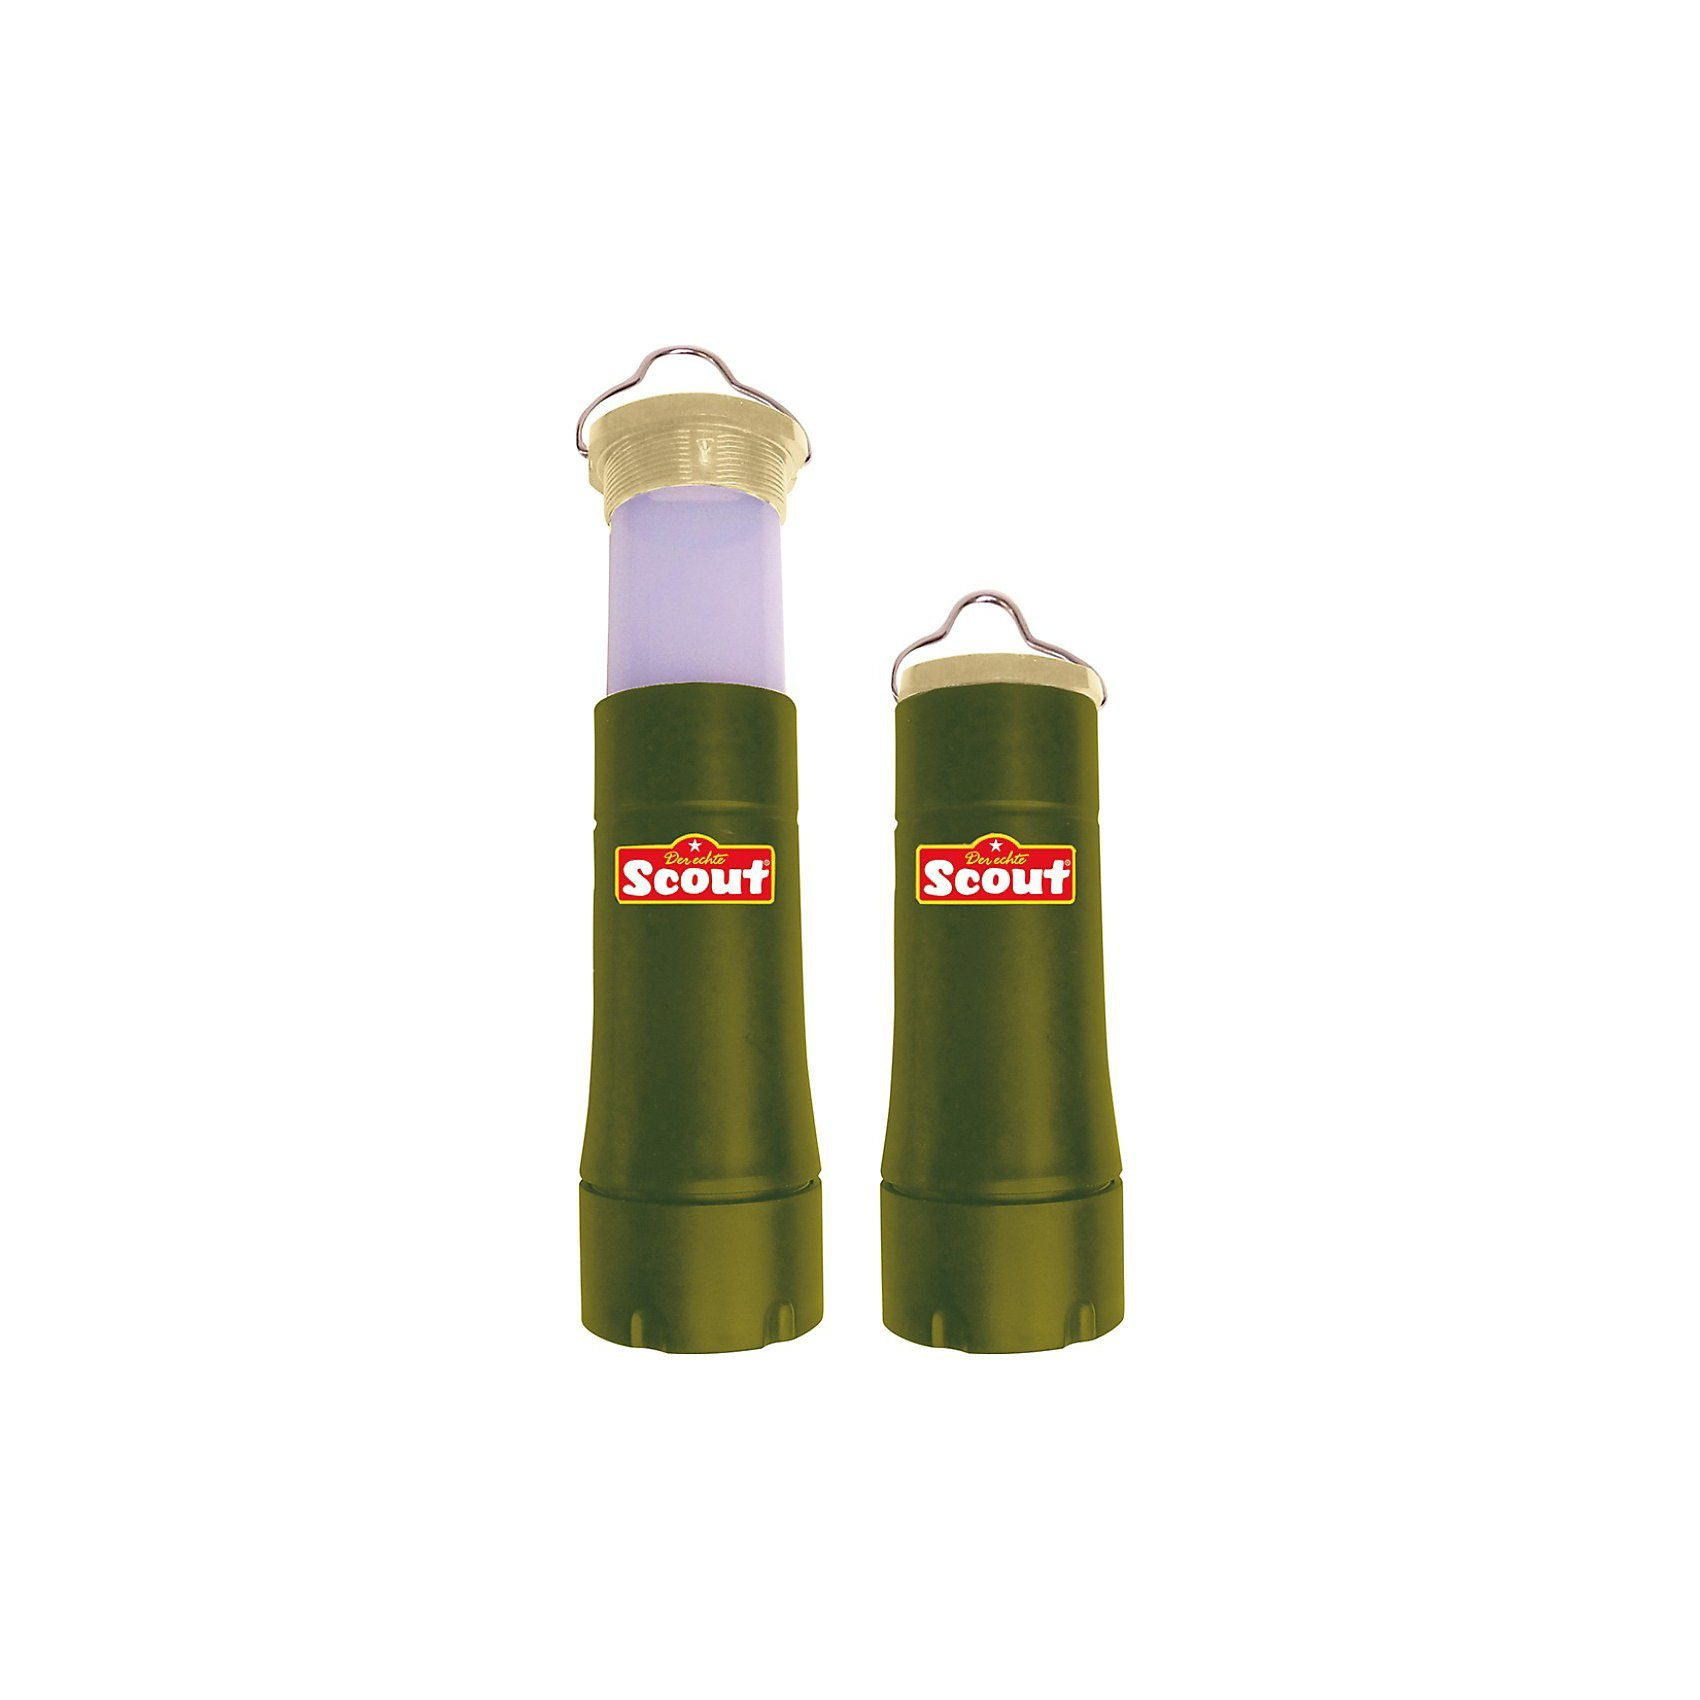 Scout 2in1 Zelt- & Taschen- lampe